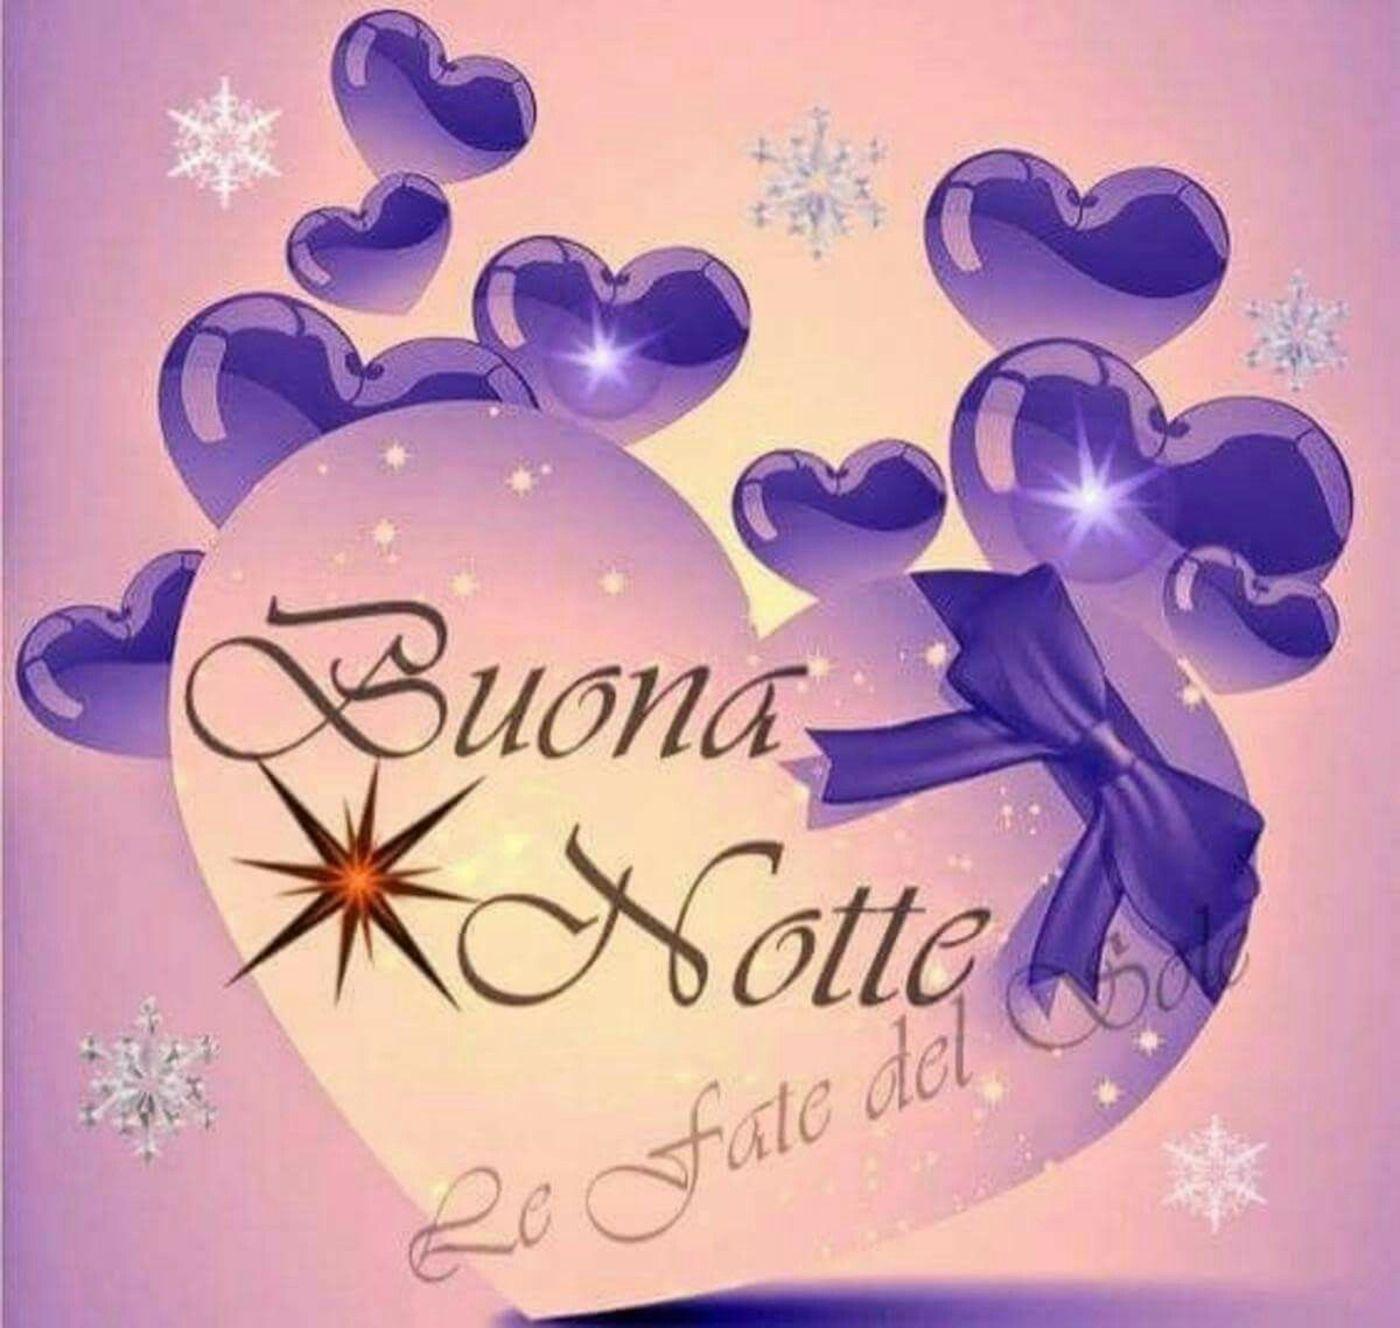 Buonanotte E Sogni Doro 555 Buongiornissimocaffeit